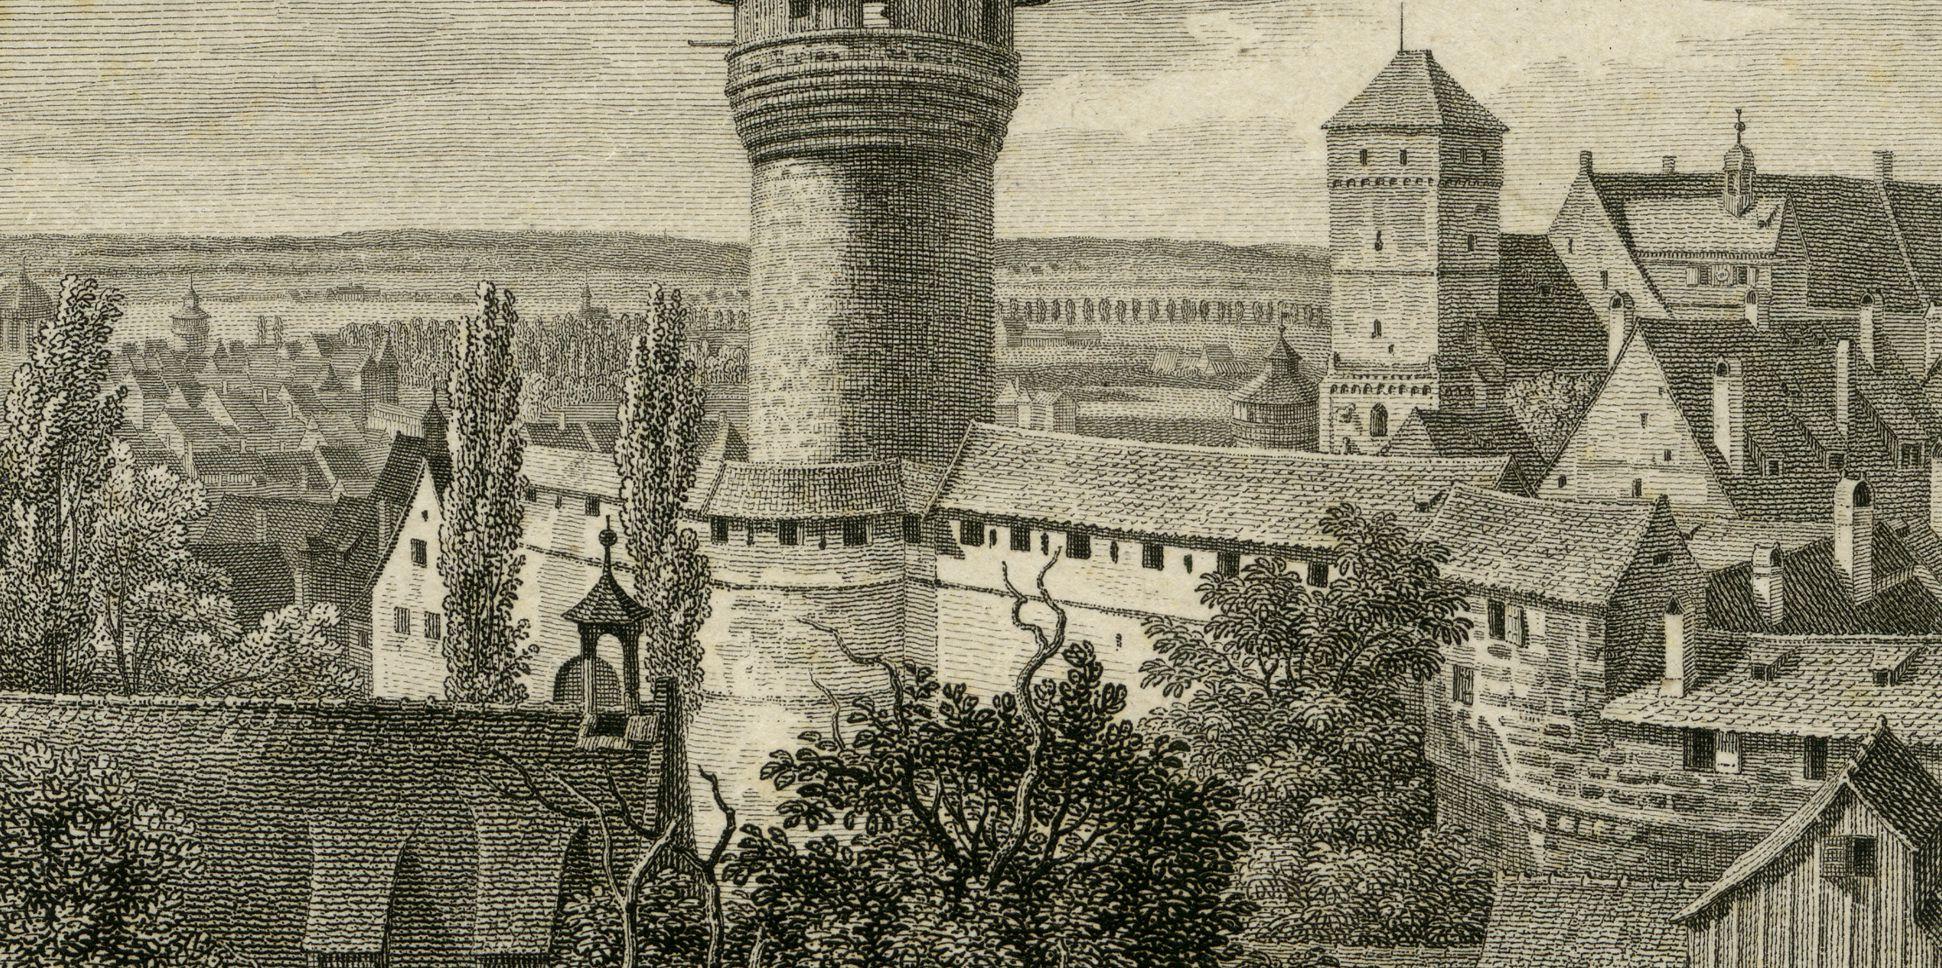 Aussicht vom Fünfeckigen Thurm gegen die Burg mittleres Bildfeld